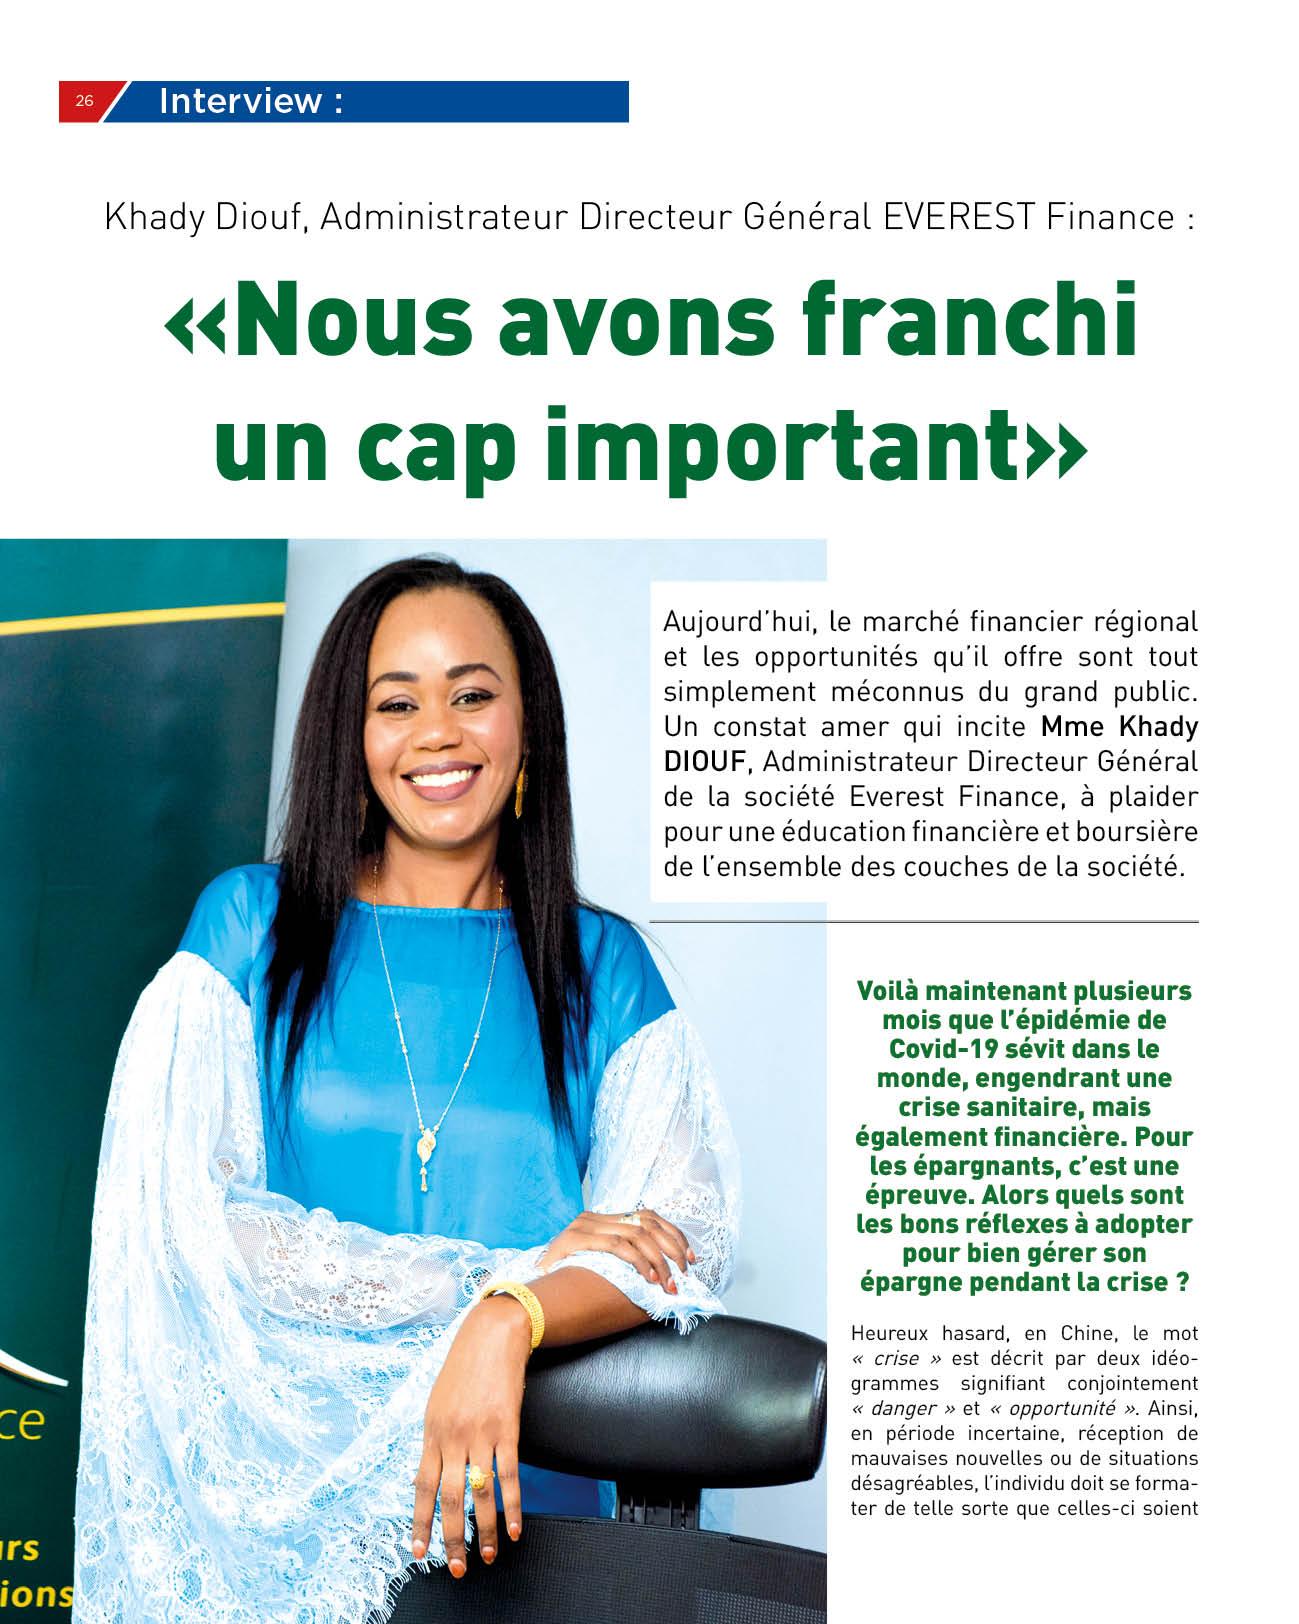 Khady Diouf, Administrateur Directeur Général EVEREST Finance : «Nous avons franchi un cap important»